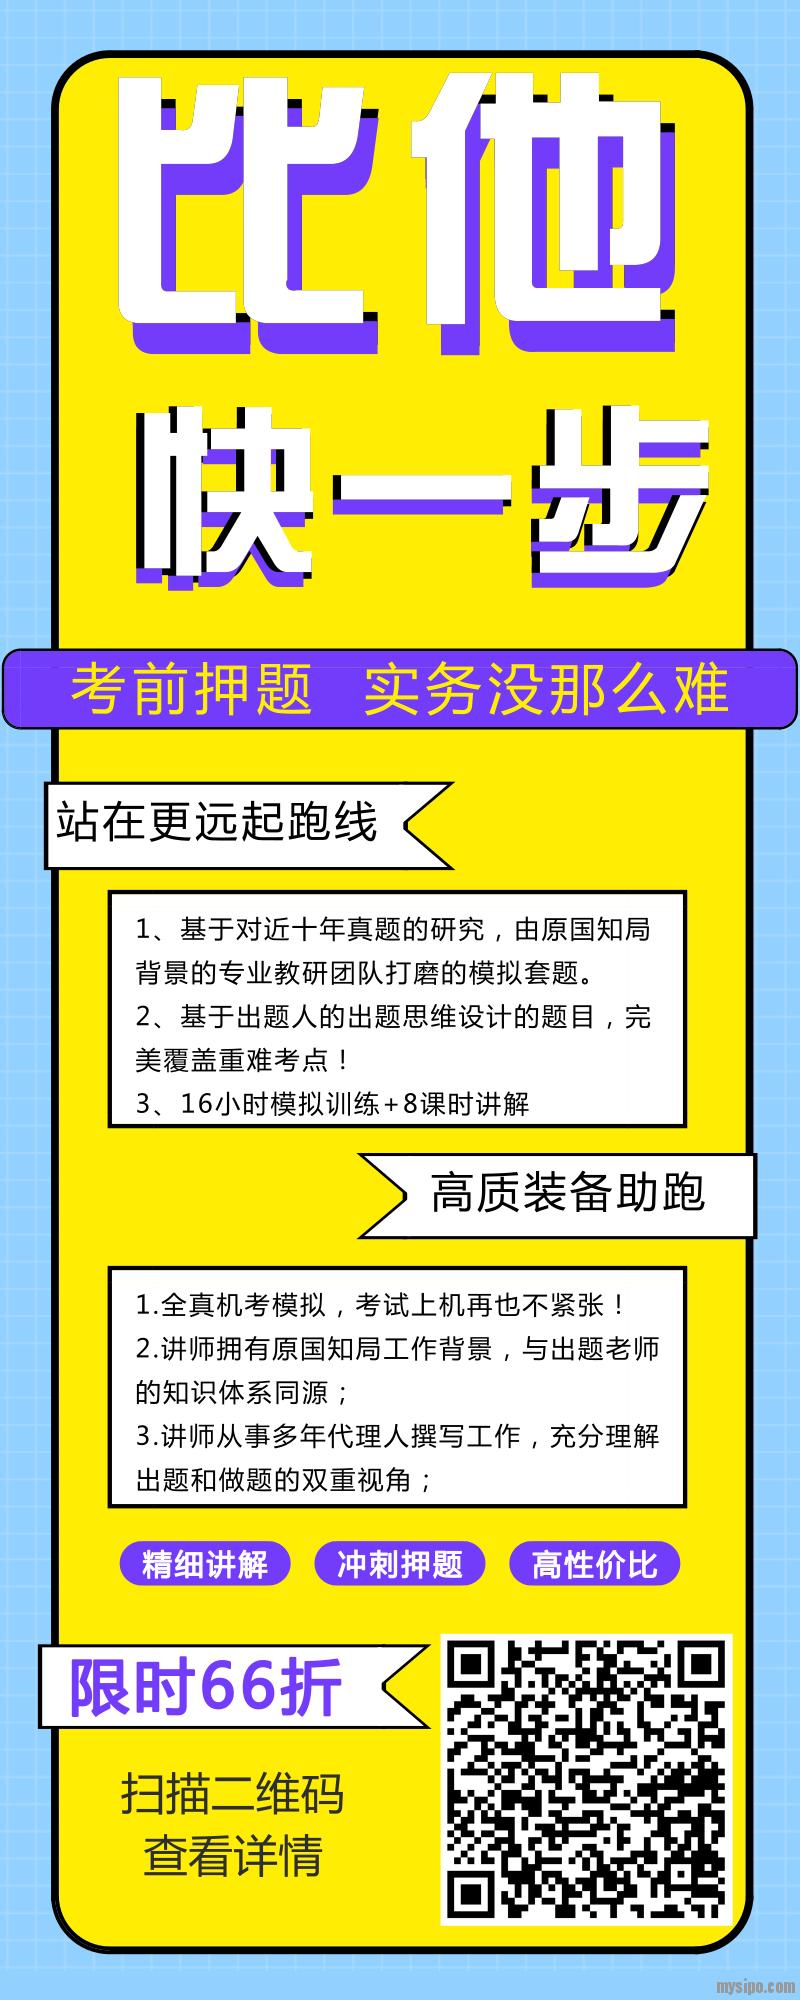 押题班宣传长图论坛.png